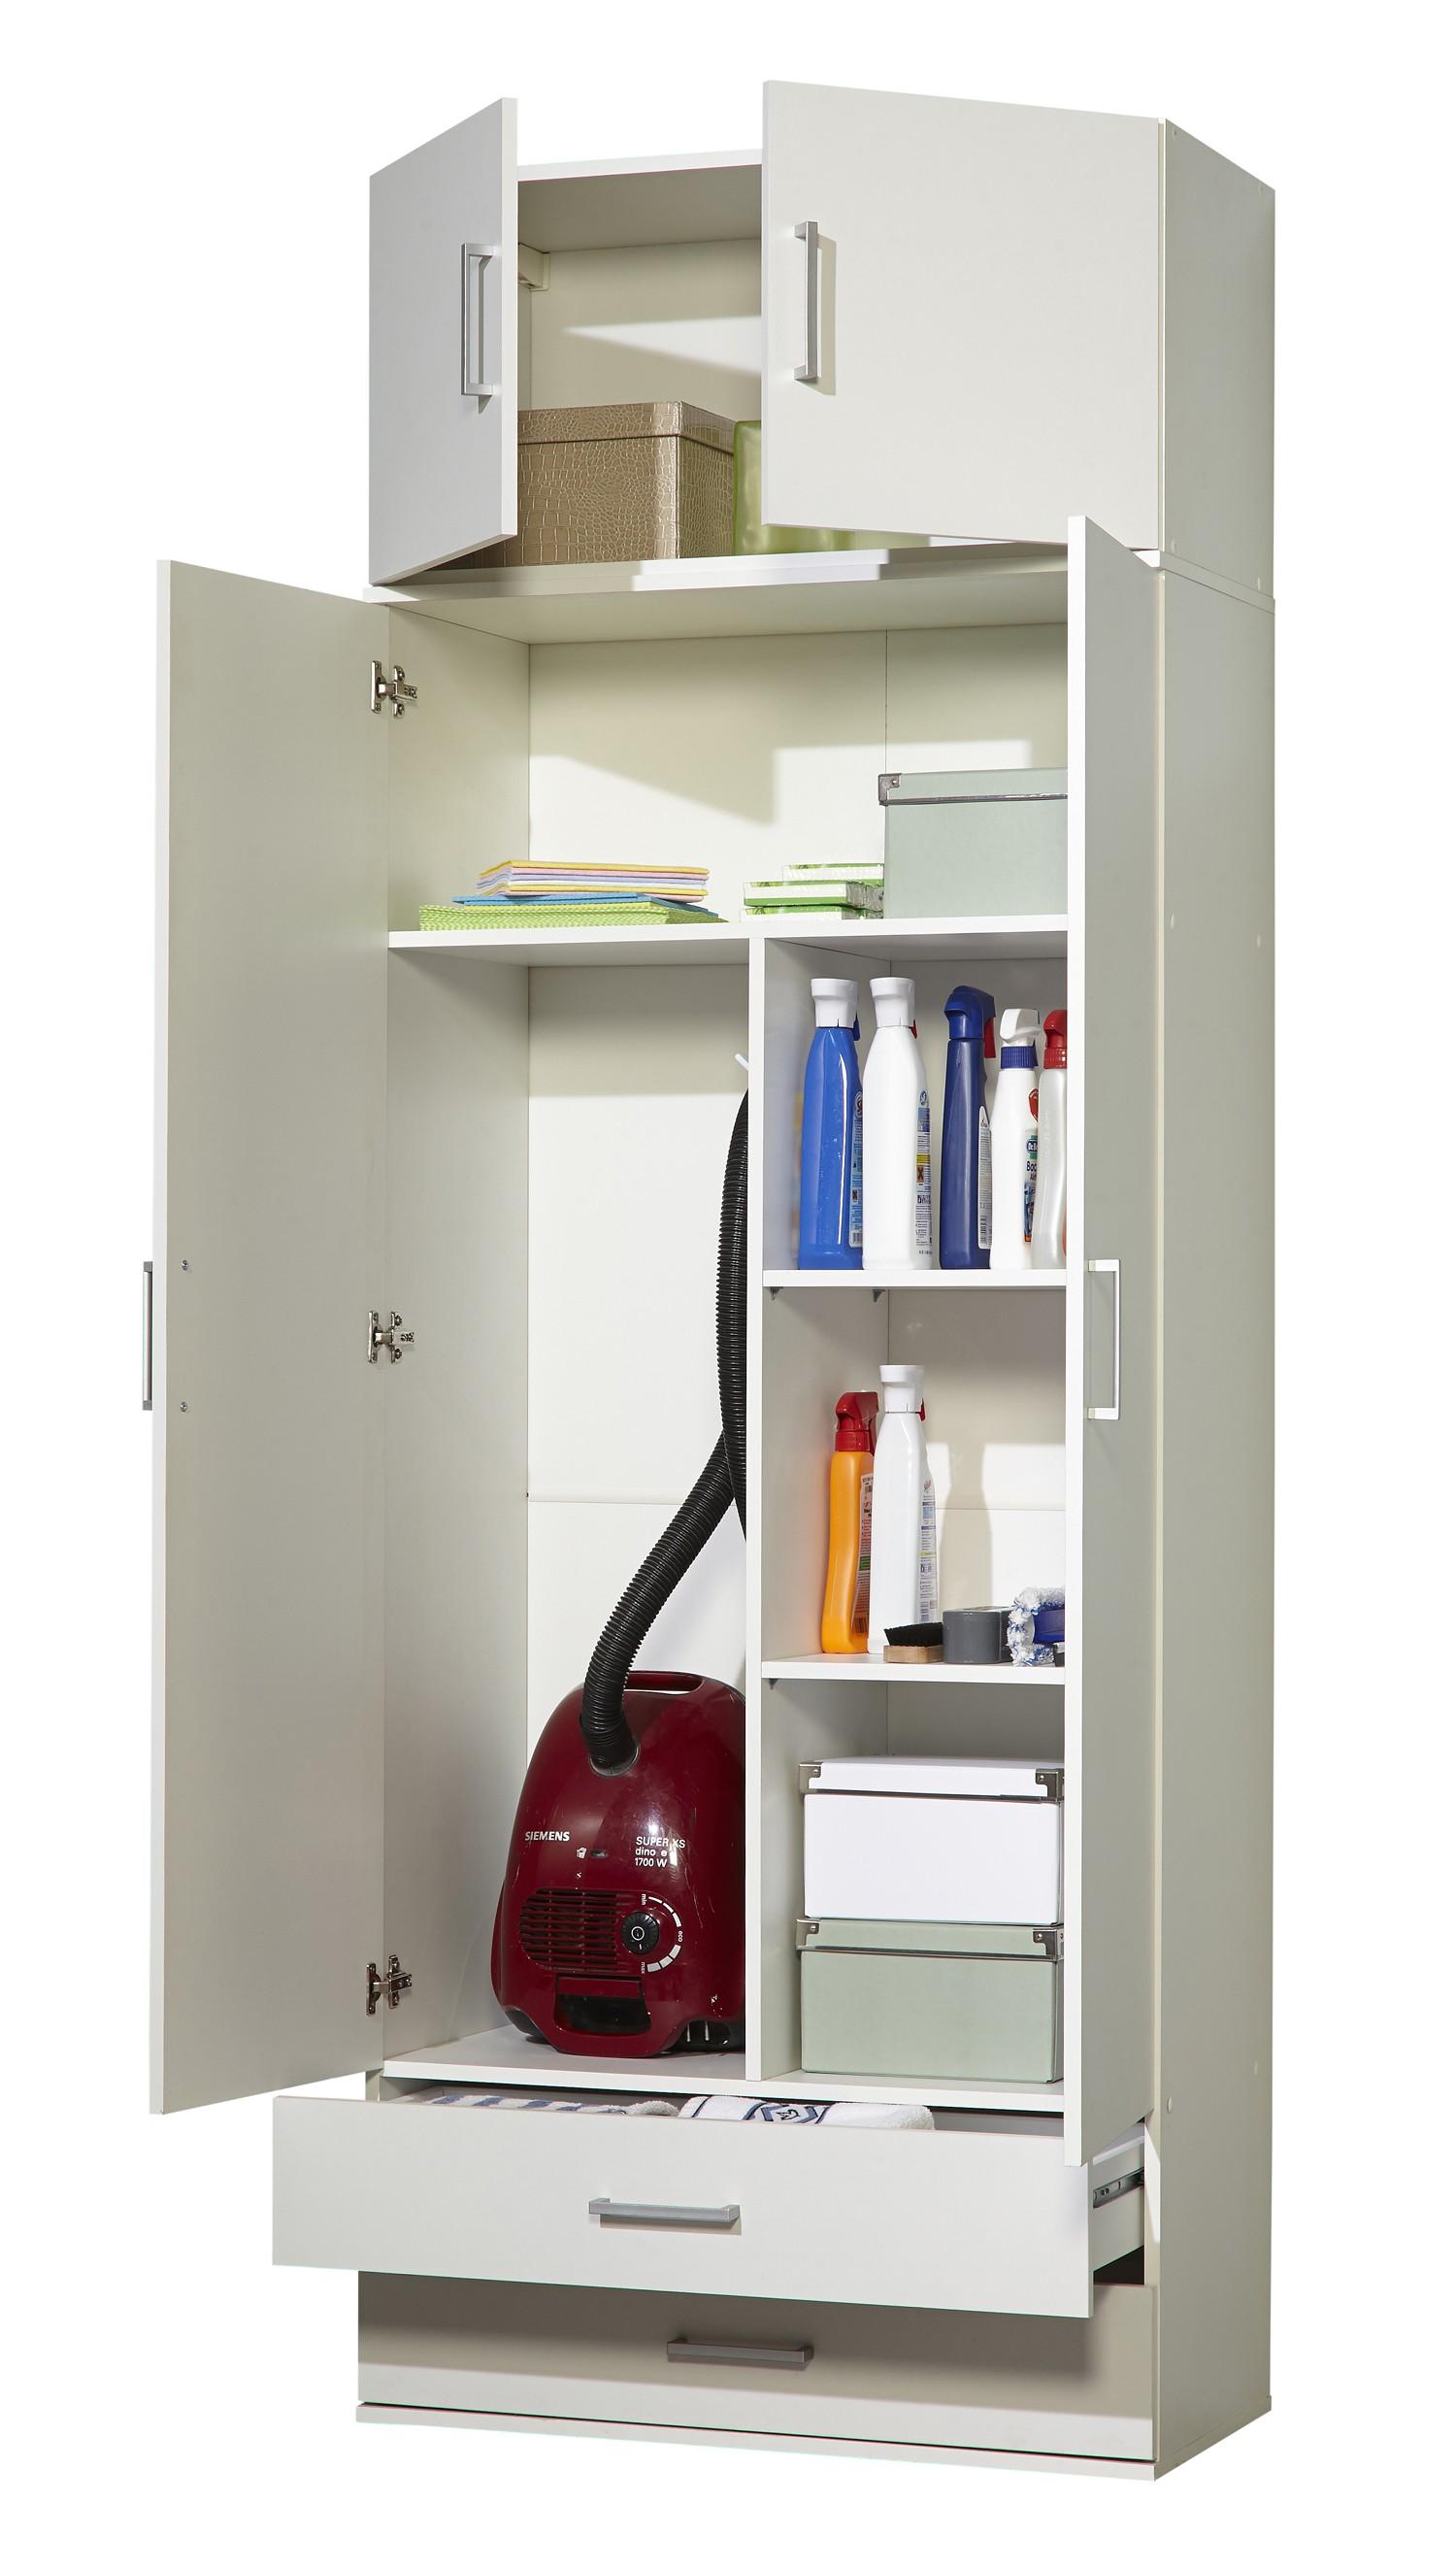 staubsaugerschrank mehrzweckschrank mod w030 weiss h c m bel. Black Bedroom Furniture Sets. Home Design Ideas